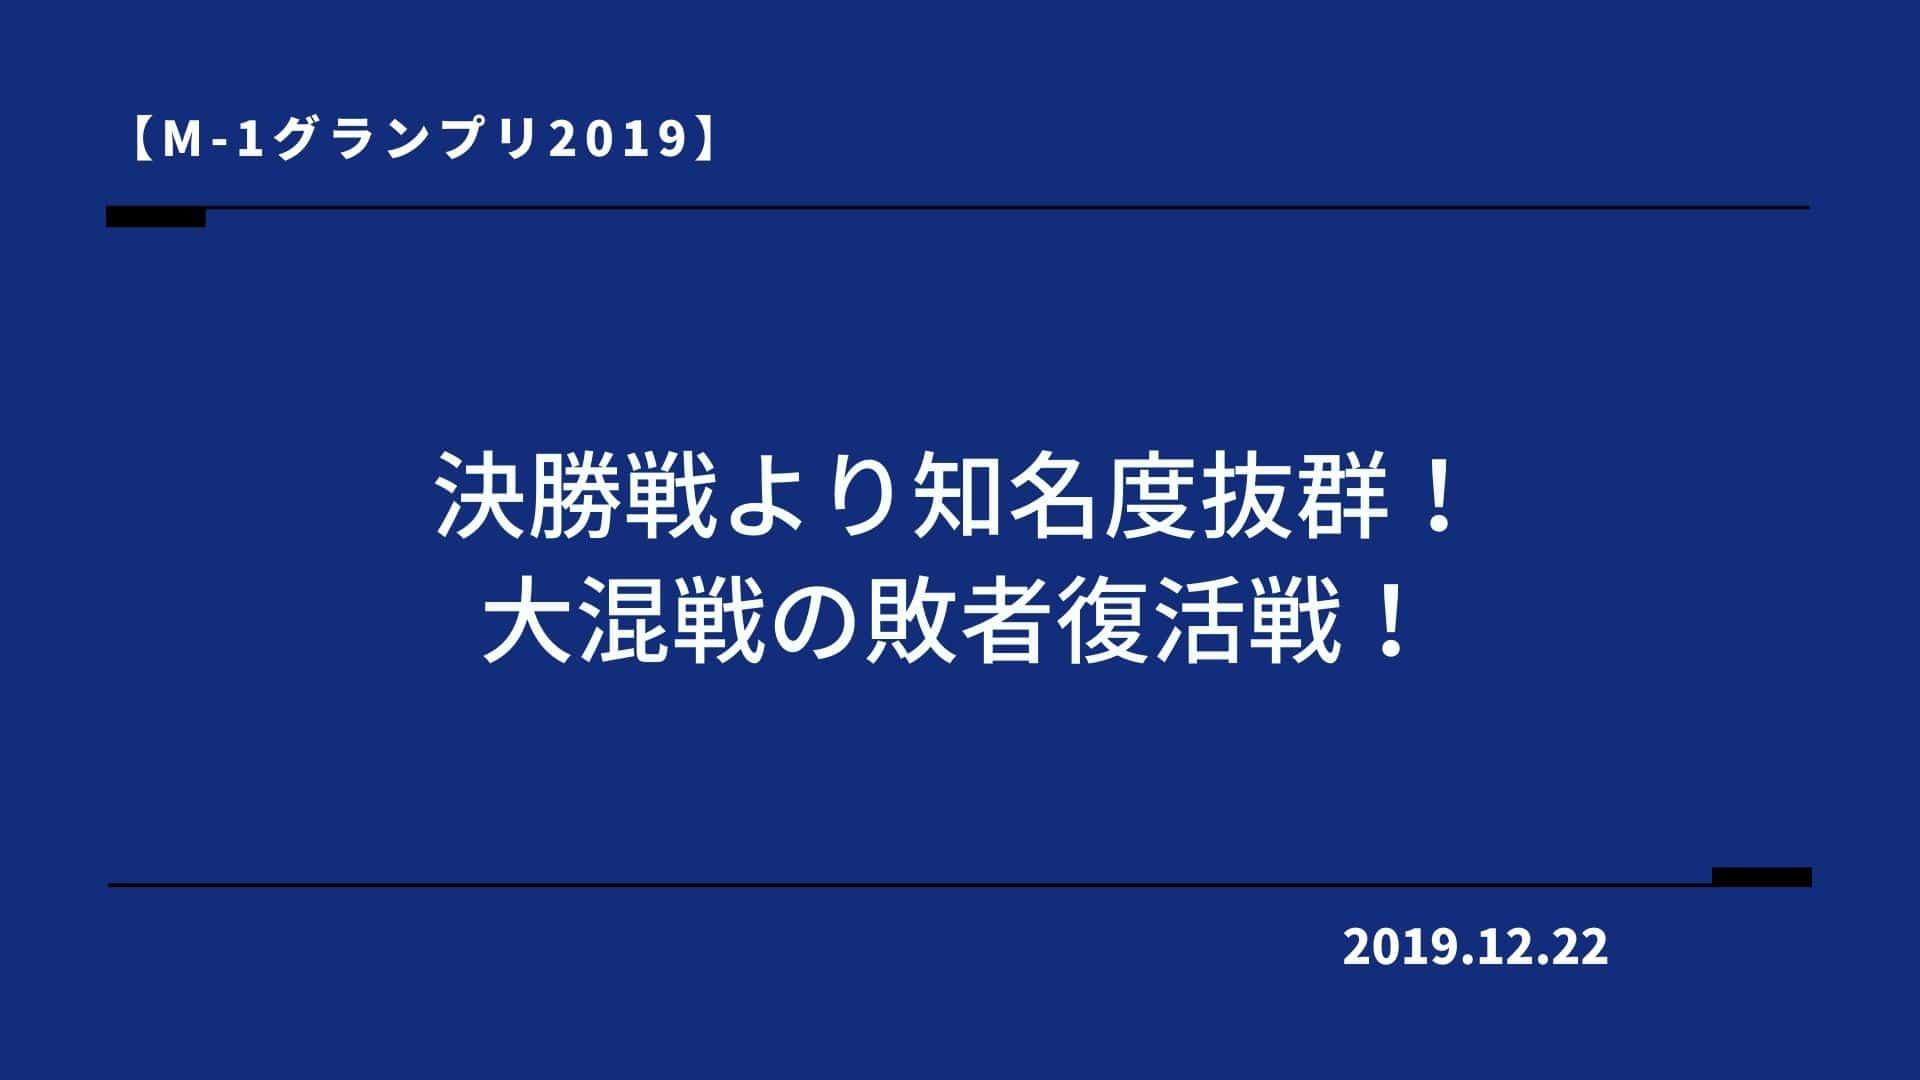 1 2019 復活 戦 m 敗者